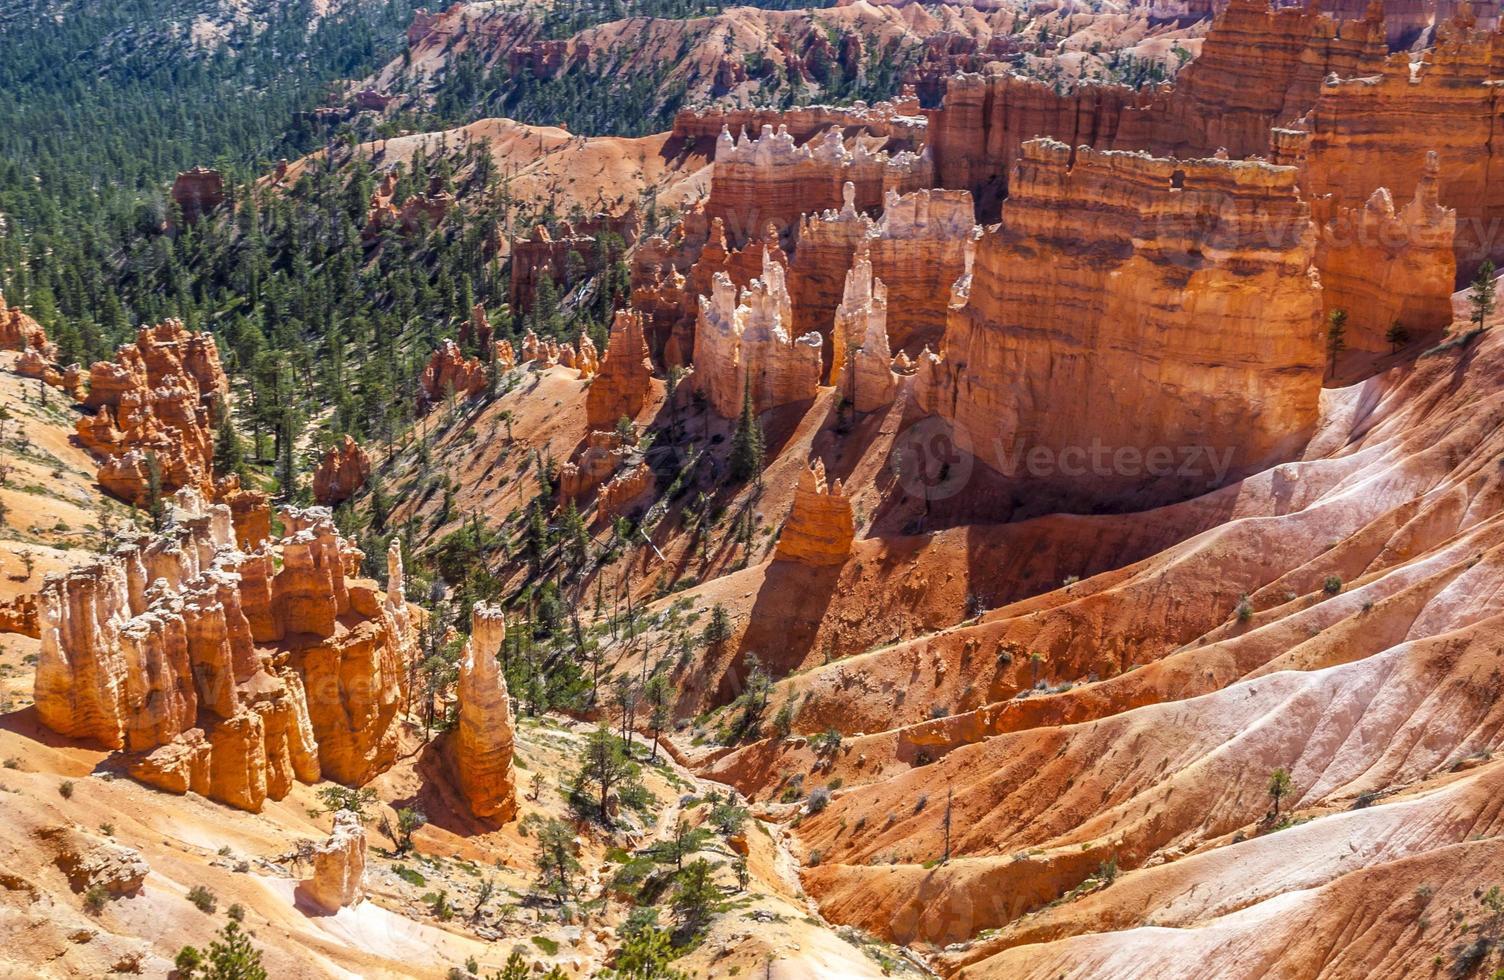 rochas e hoodos por erosão no parque nacional de bryce canyon foto